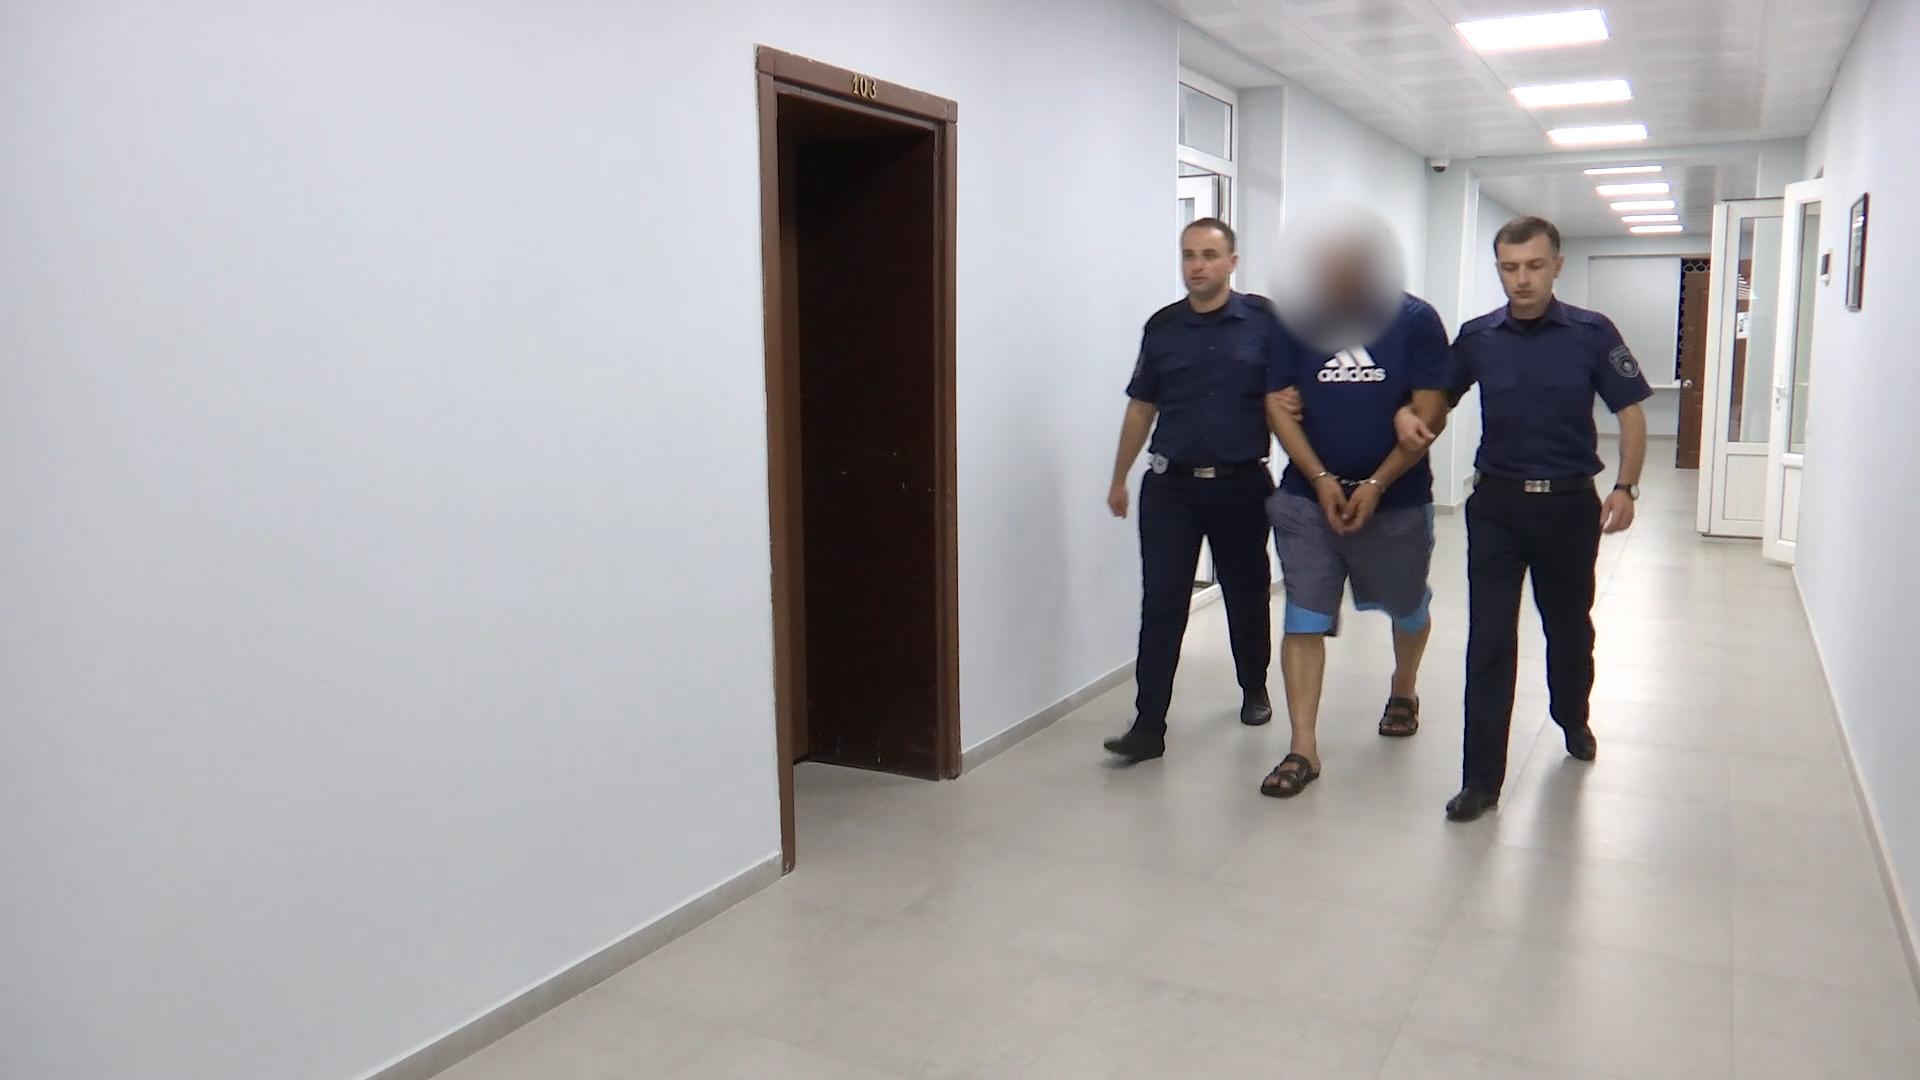 პოლიციამ აჭარაში 2 ნარკორეალიზატორი დააკავა